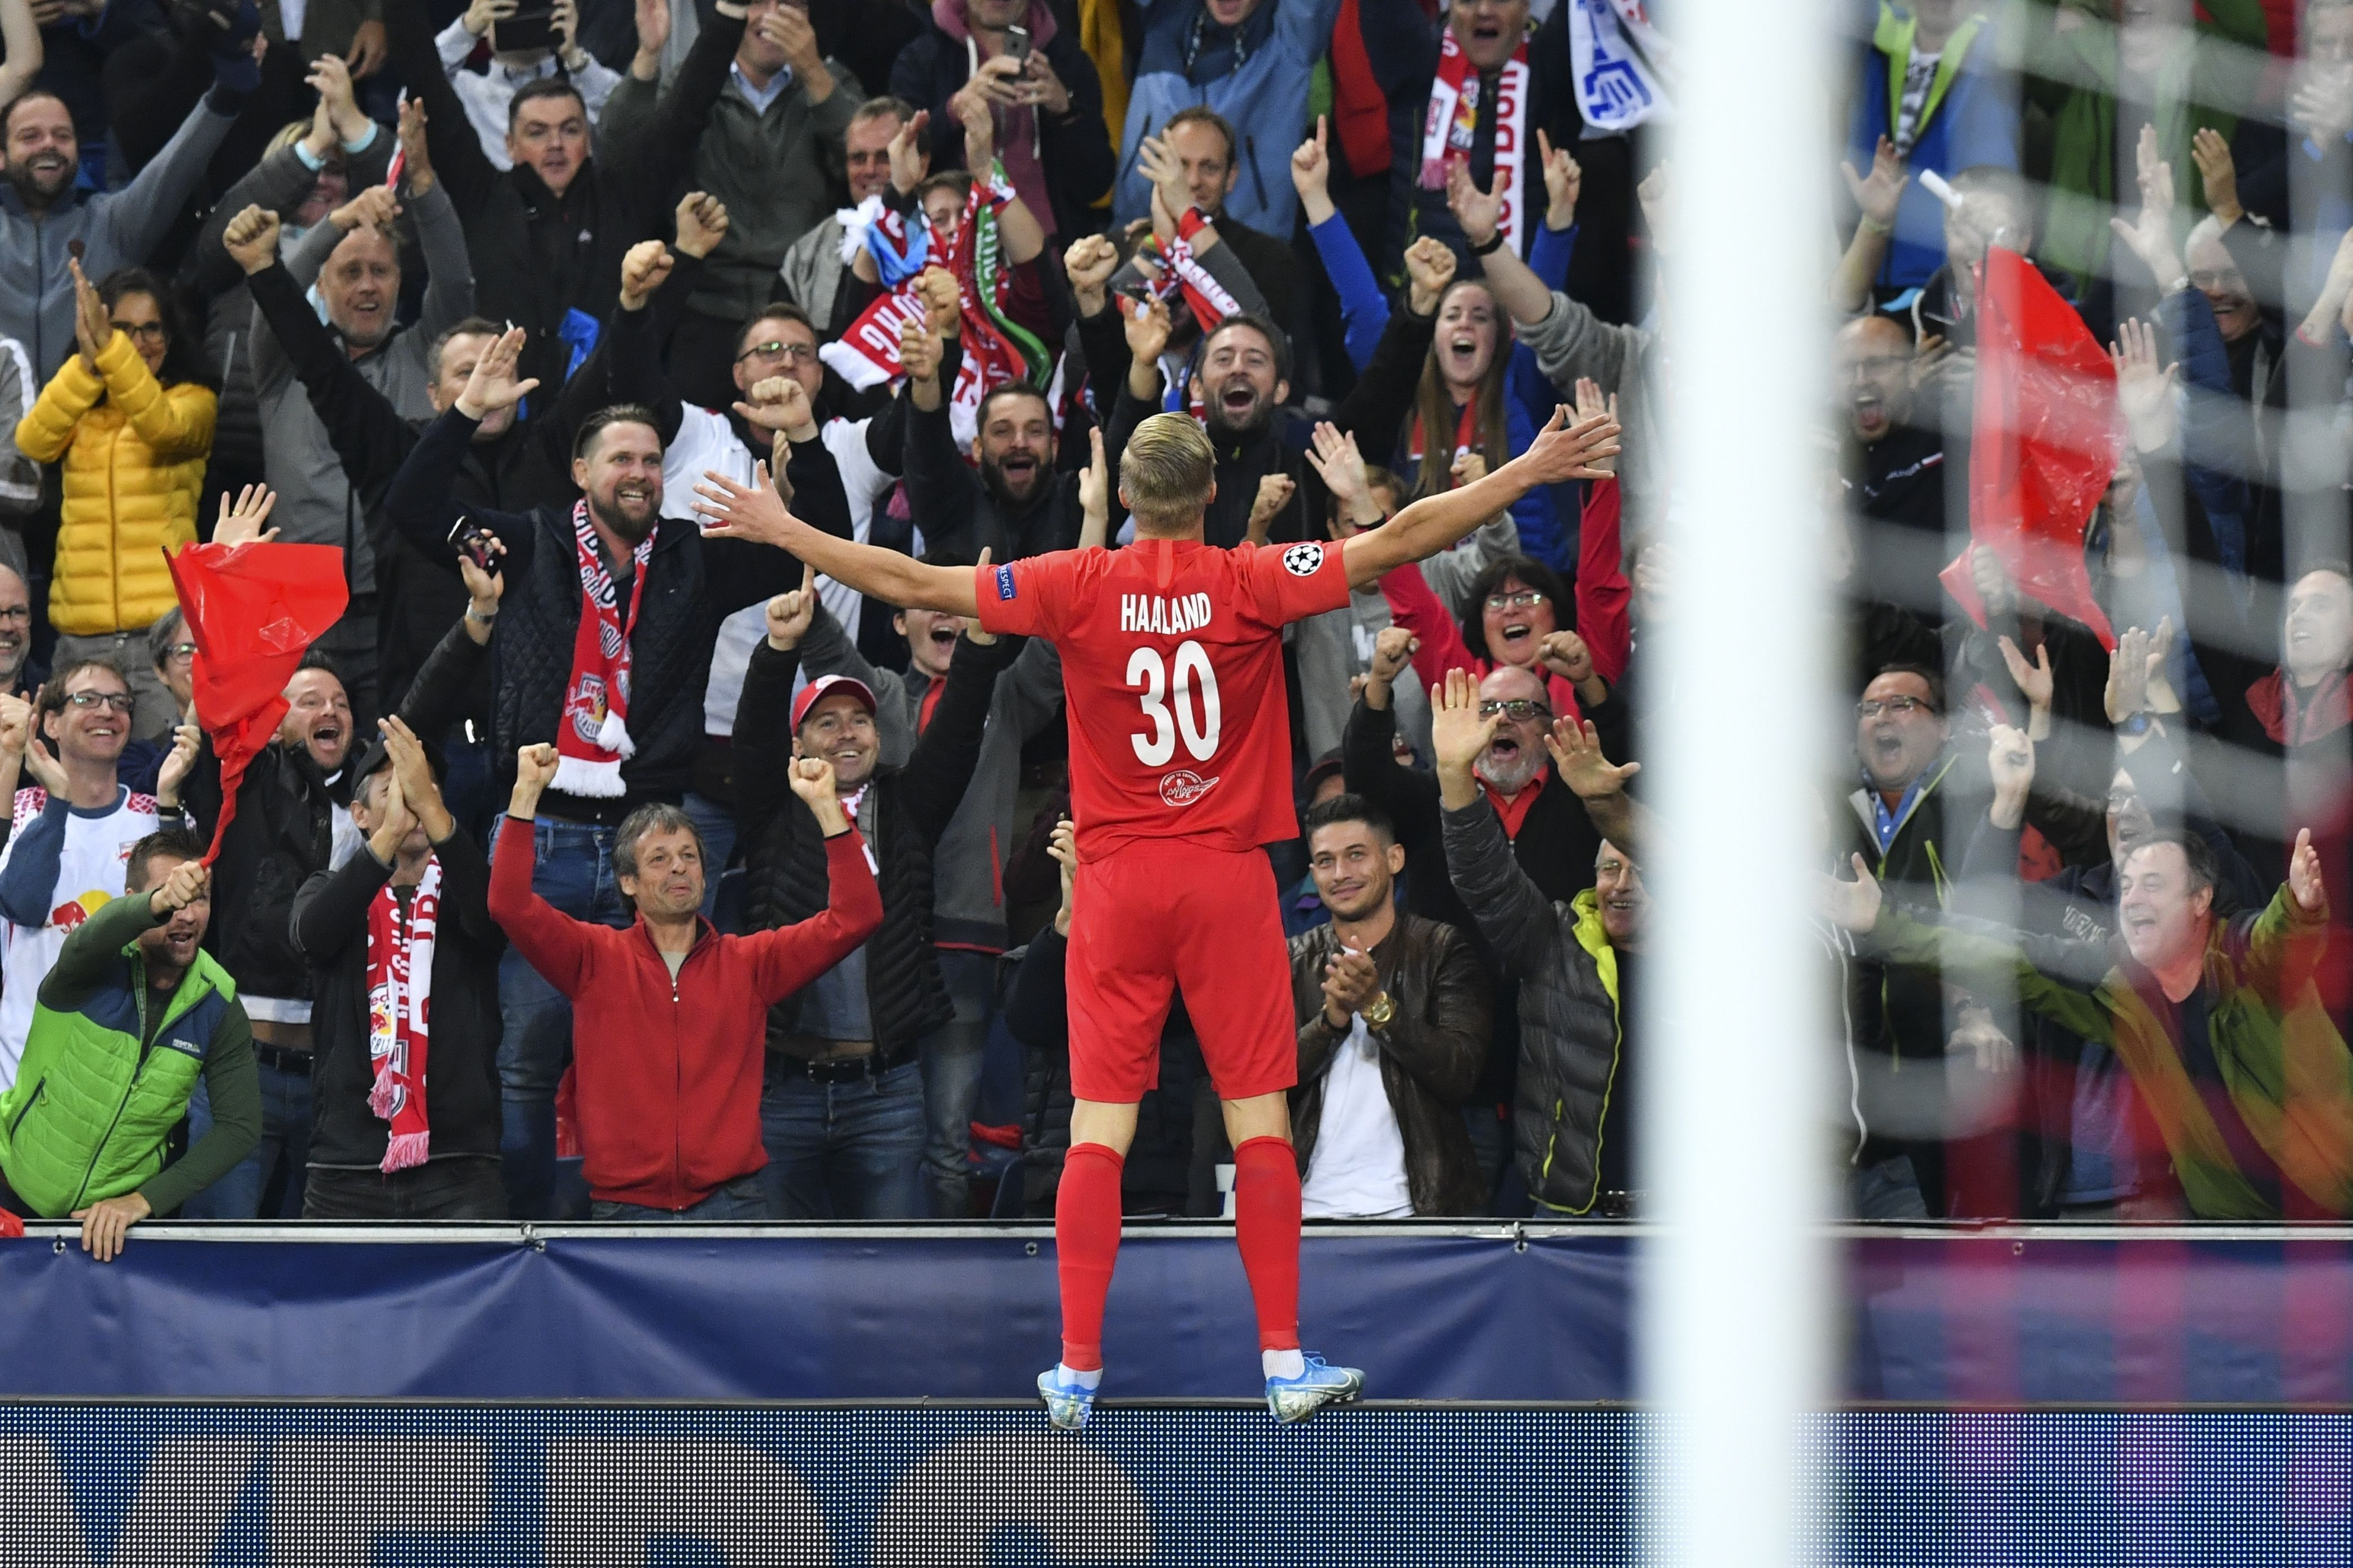 Хет-трик 19-летнего норвежца, провал «Ливерпуля», возвращение Месси— Лига чемпионов